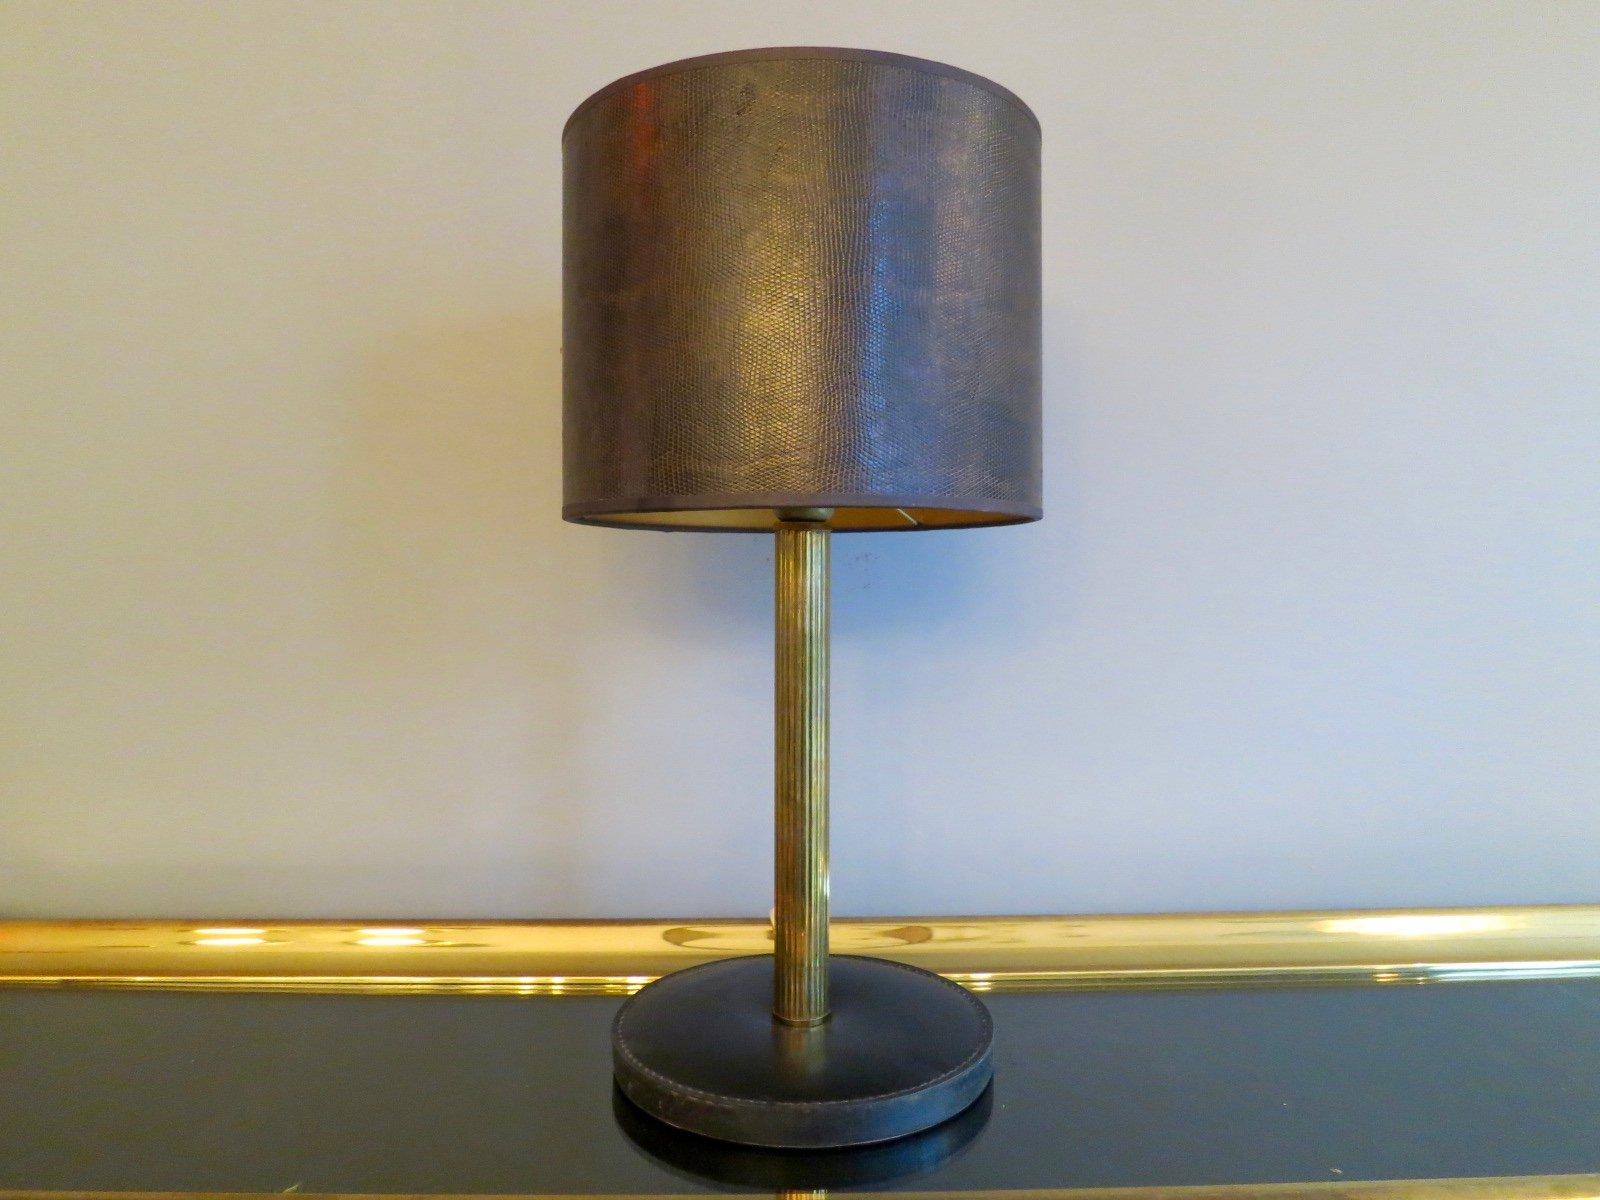 Handgenähte Französische Leder & Messing Tischlampe